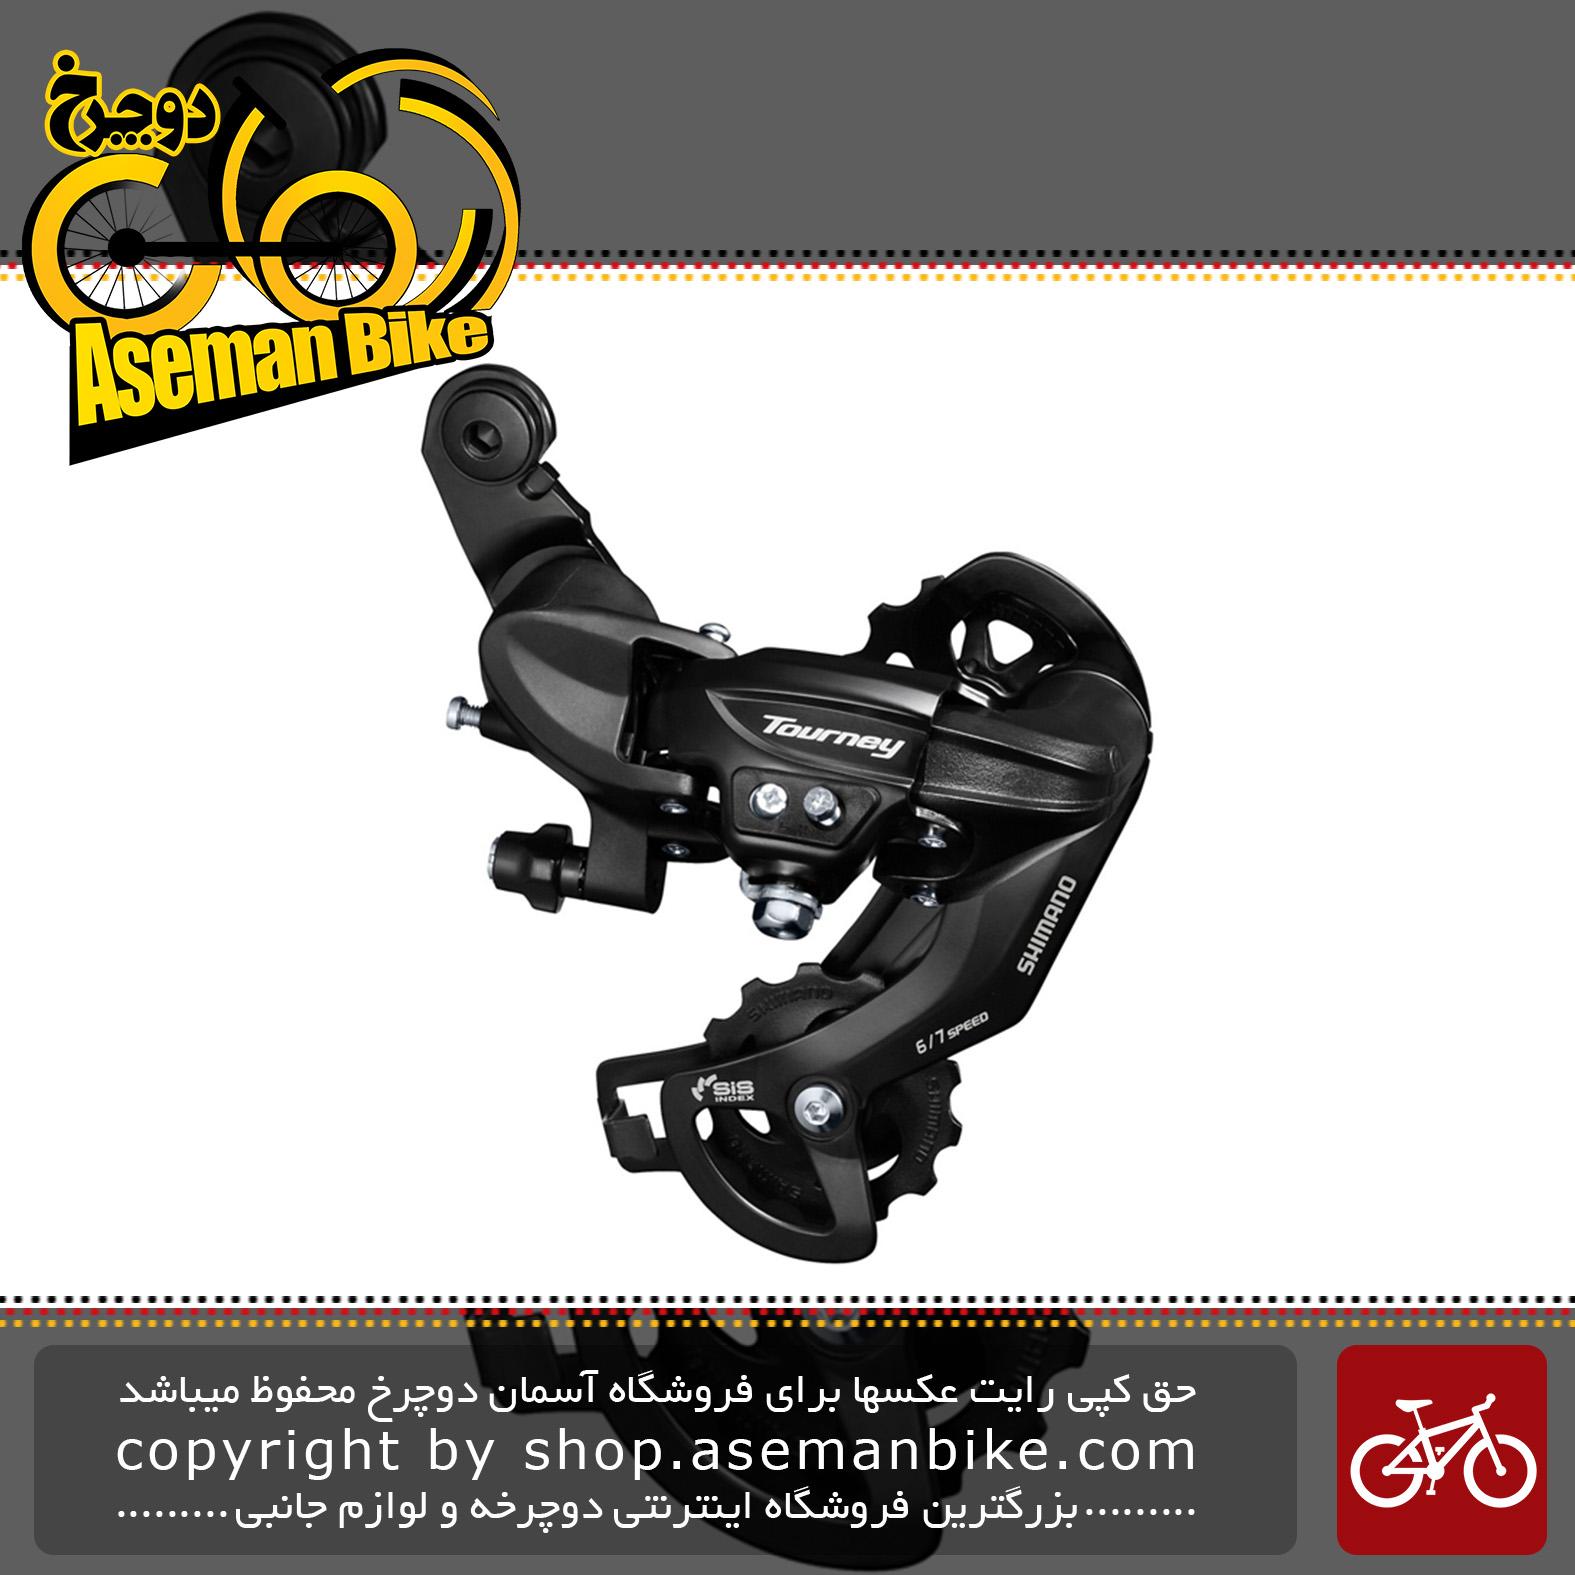 شانژمان دوچرخه کوهستان شیمانو تورنی تی وای ۳۰۰ Shimano Rear Derailleur Tourney TY-300